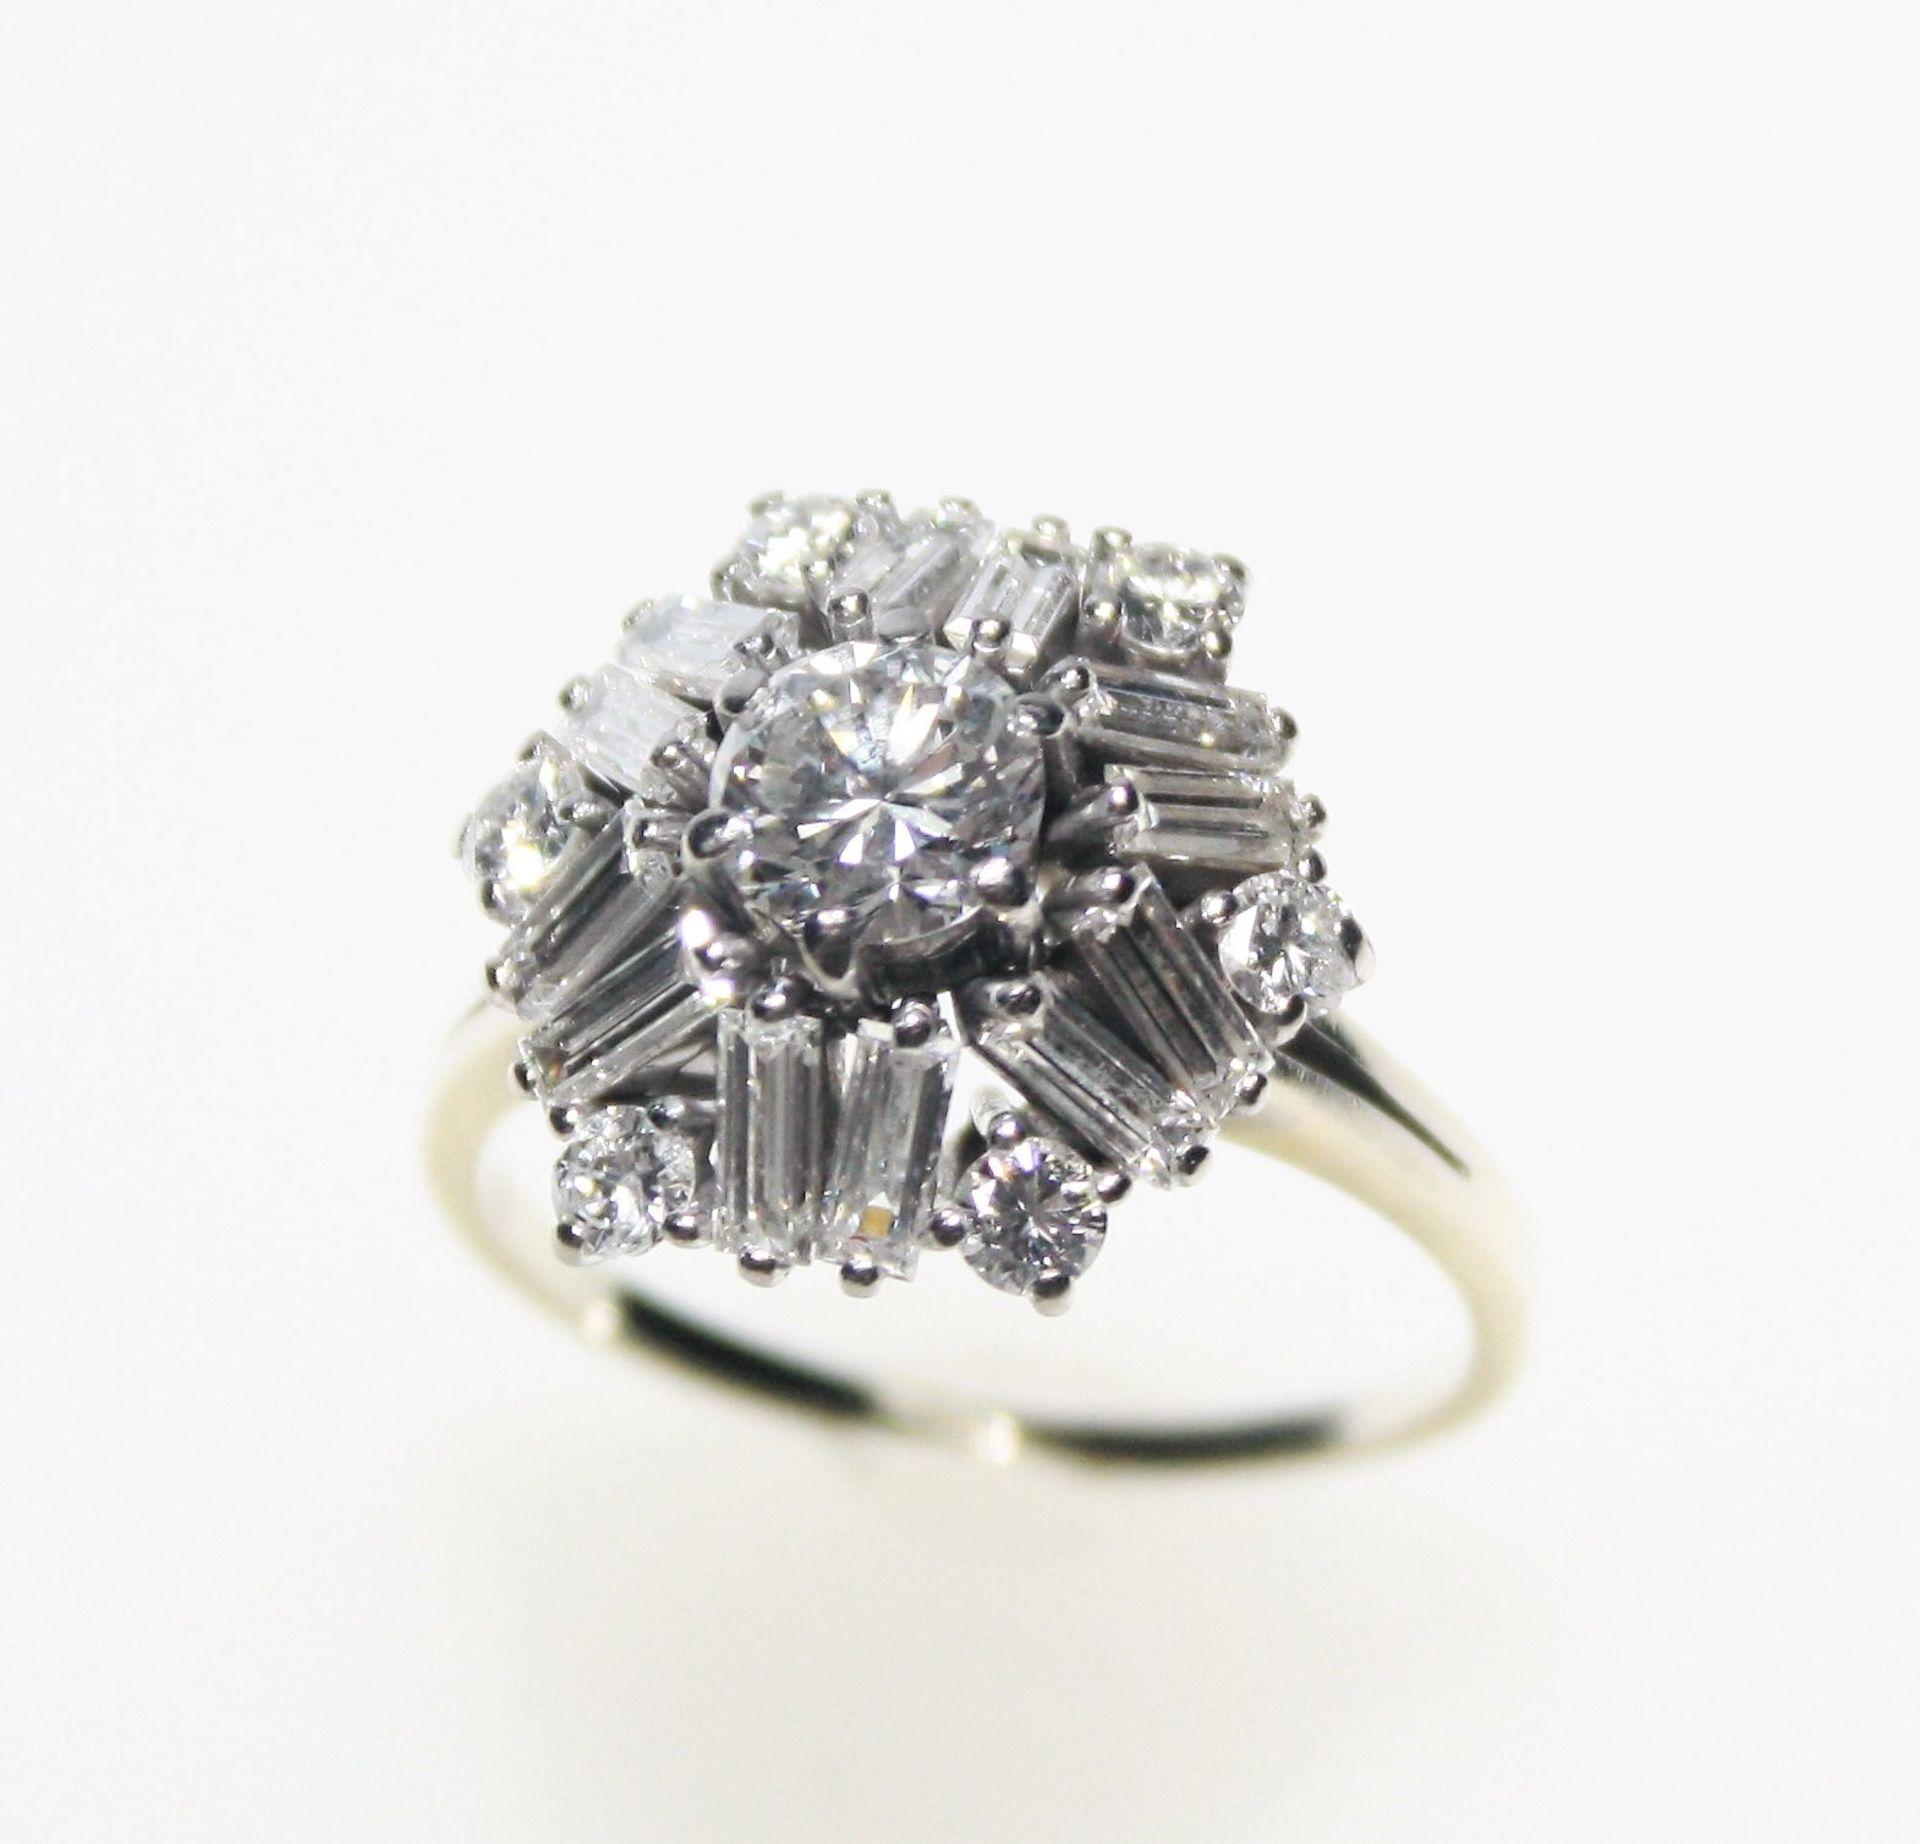 Weißgoldring 750/f gest., runder Ringkopf mit einem Diamanten in Brillantschliff ca. 0,70 ct in